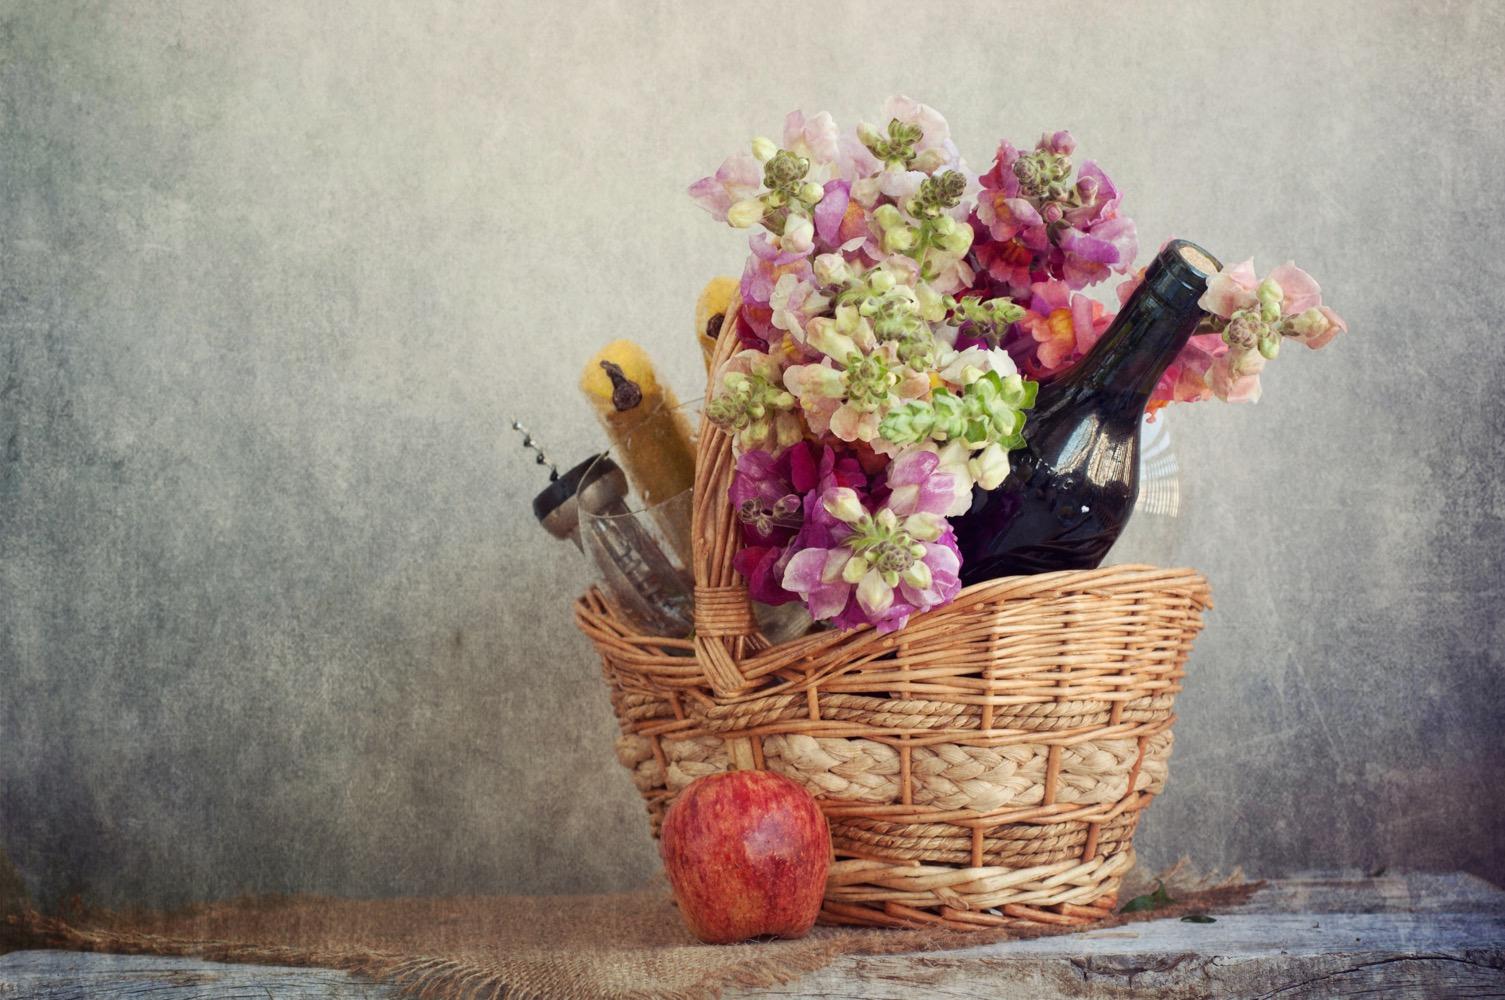 母の日にワインを贈りたい!初心者におすすめのワイン